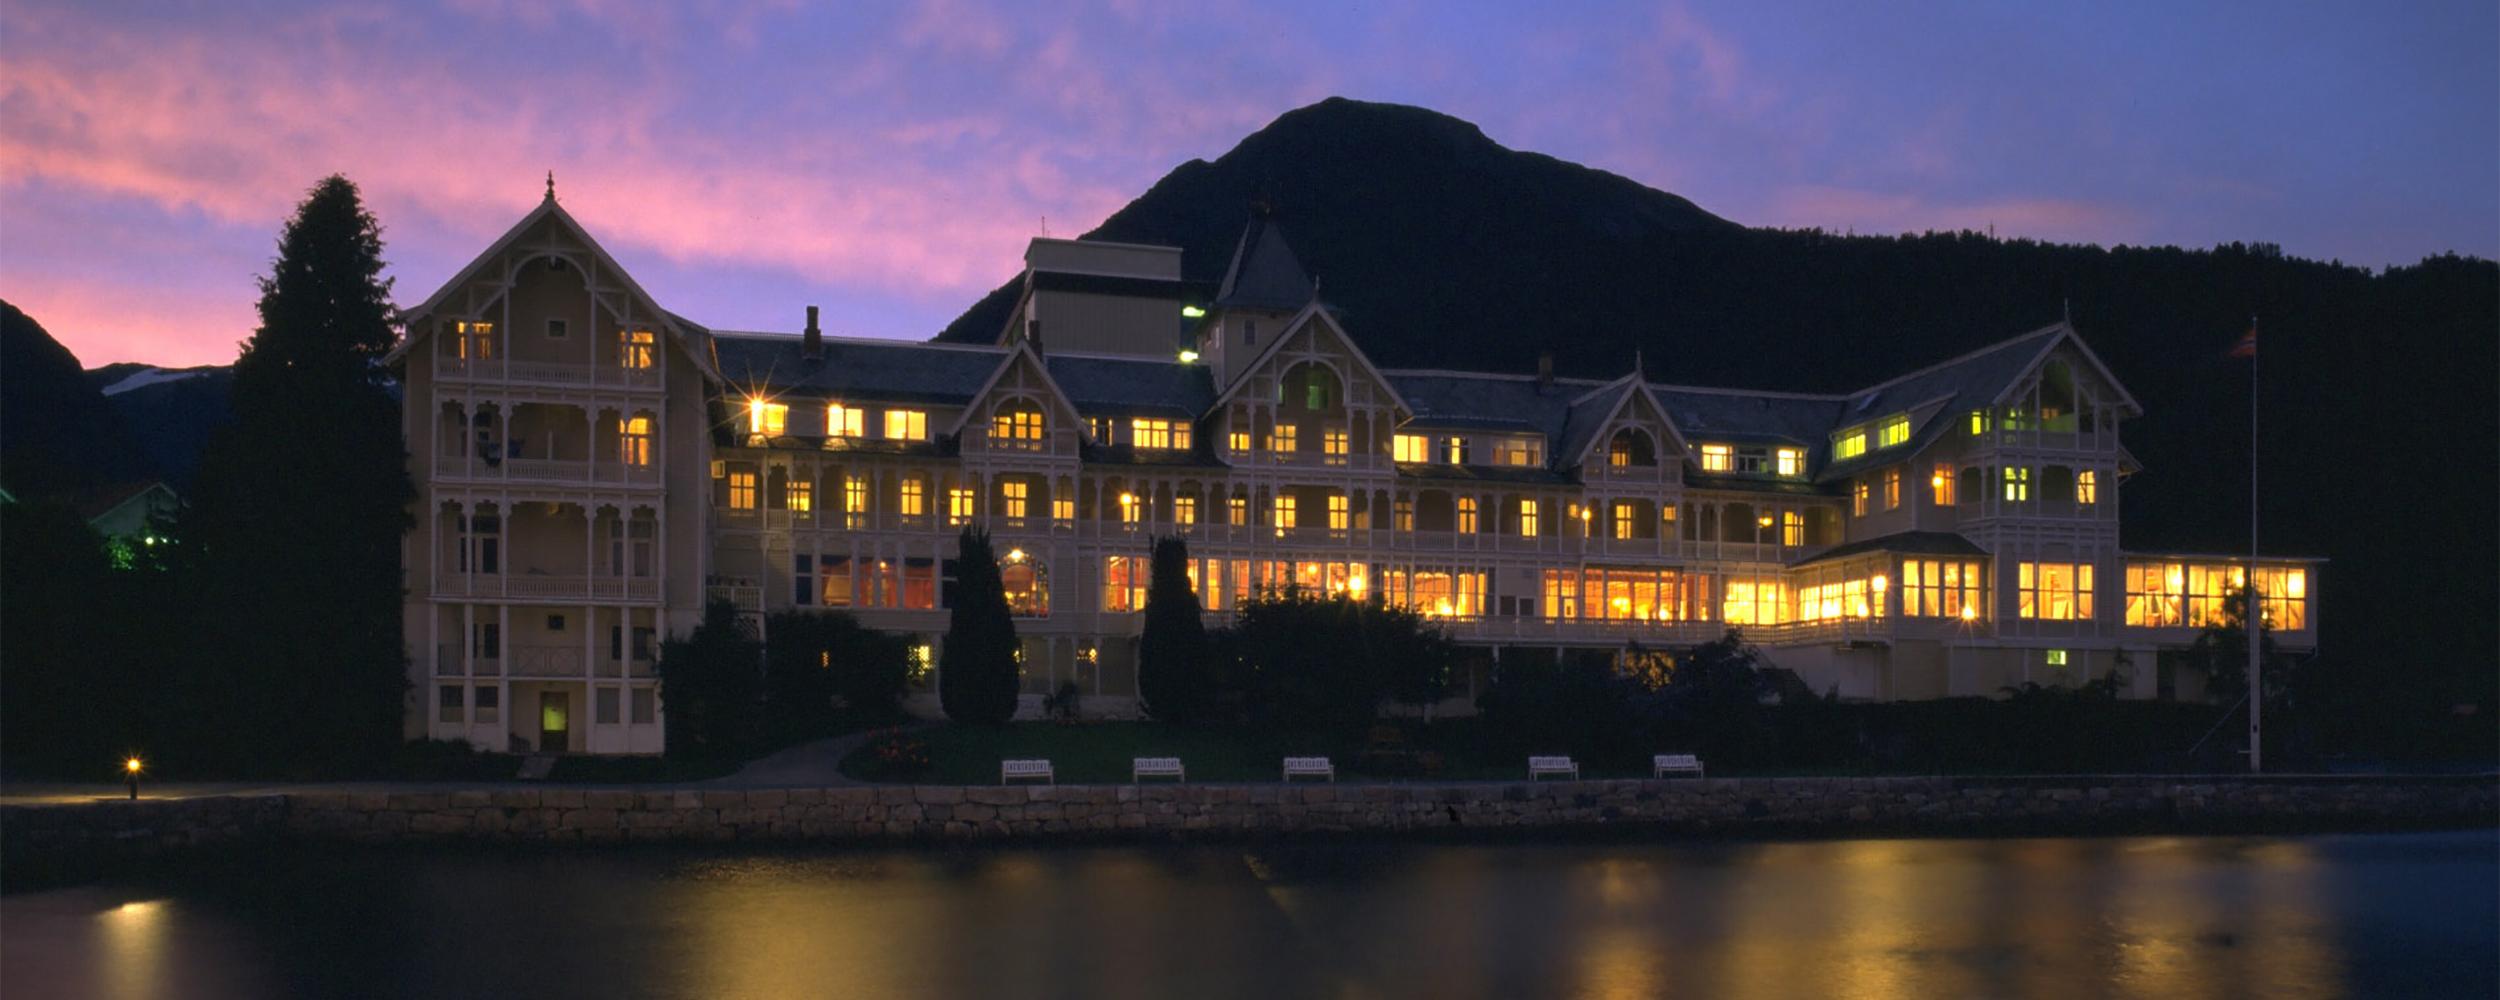 Kviknes Hotel - Gjestfridom i fire generasjonar